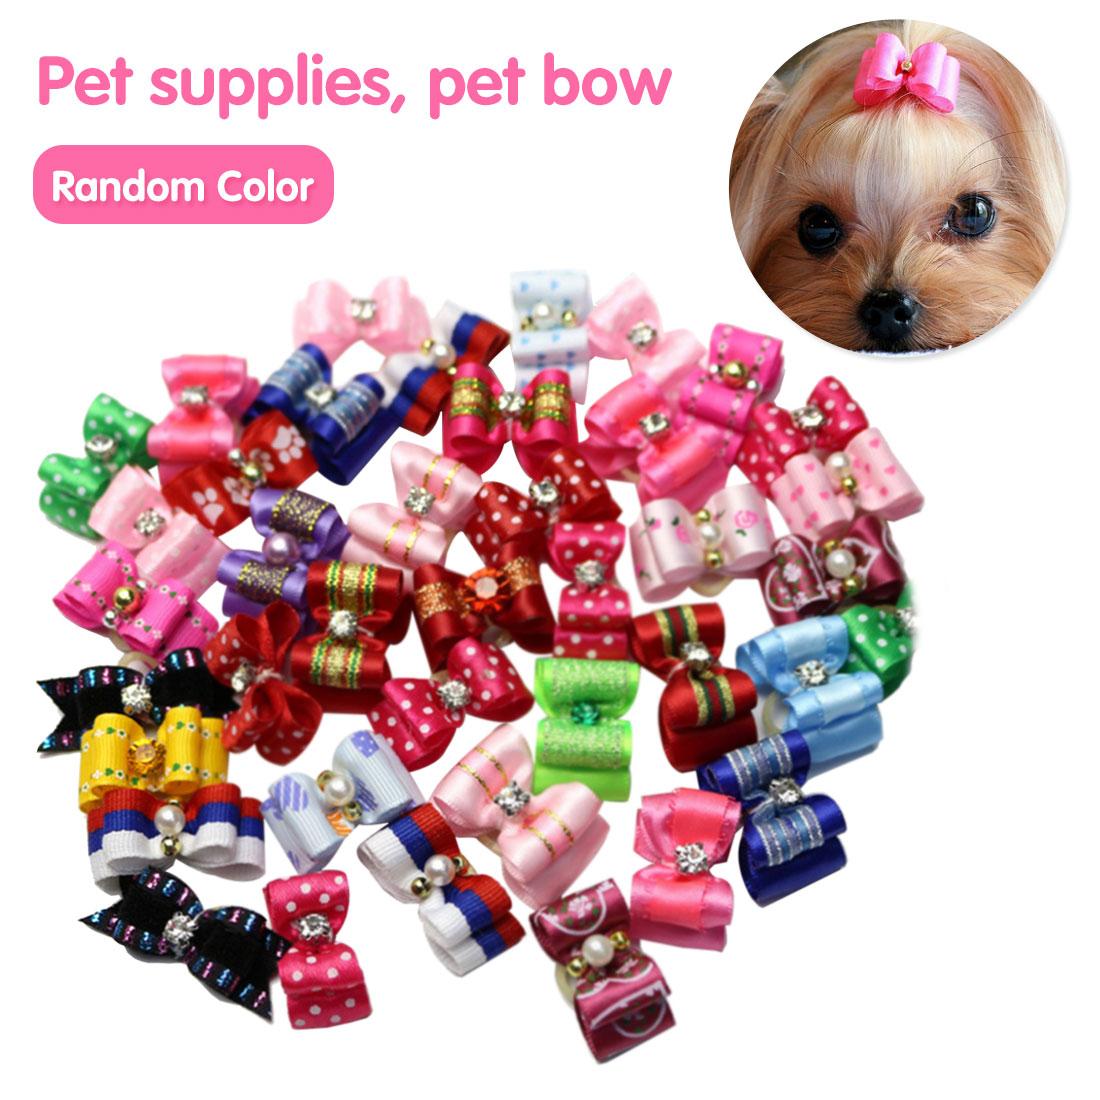 10 Uds. Bonitos moño para perro de mascota hecho a mano Loverly Bowknot Dog Ties Cute Pet Headwear Grooming para cachorros perros Accesorios